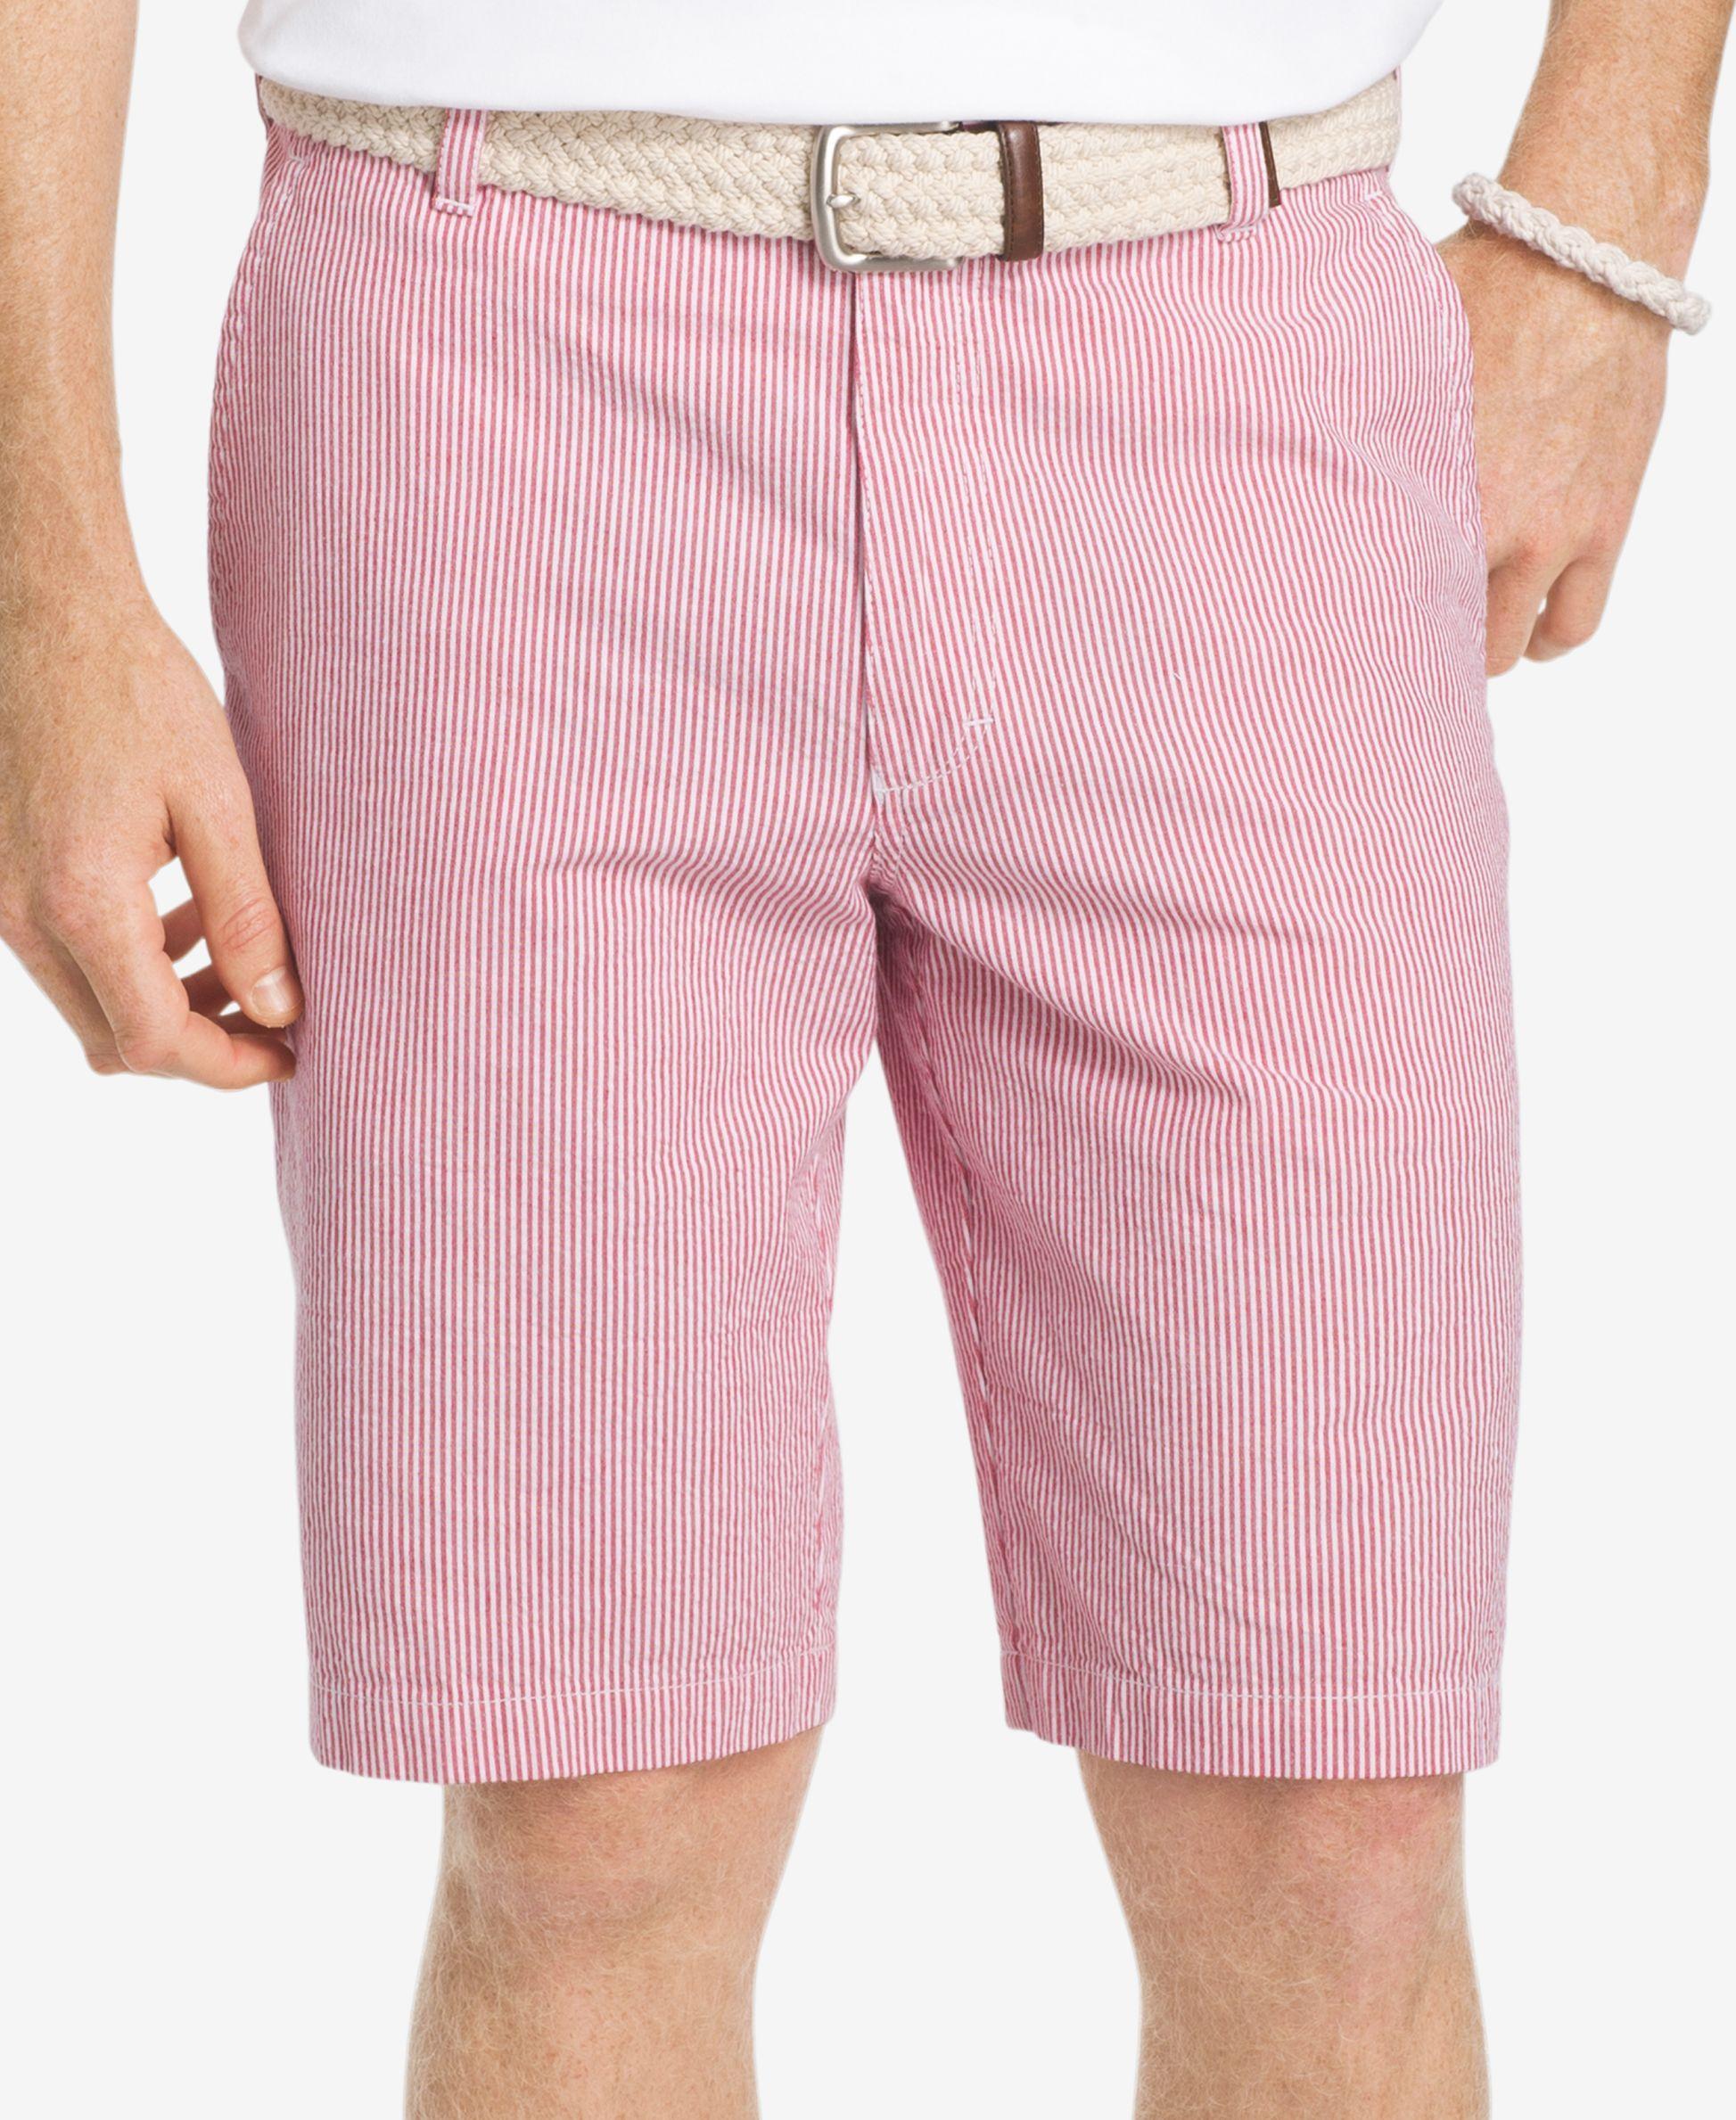 Izod Men's Sandy Bay Seersucker Shorts